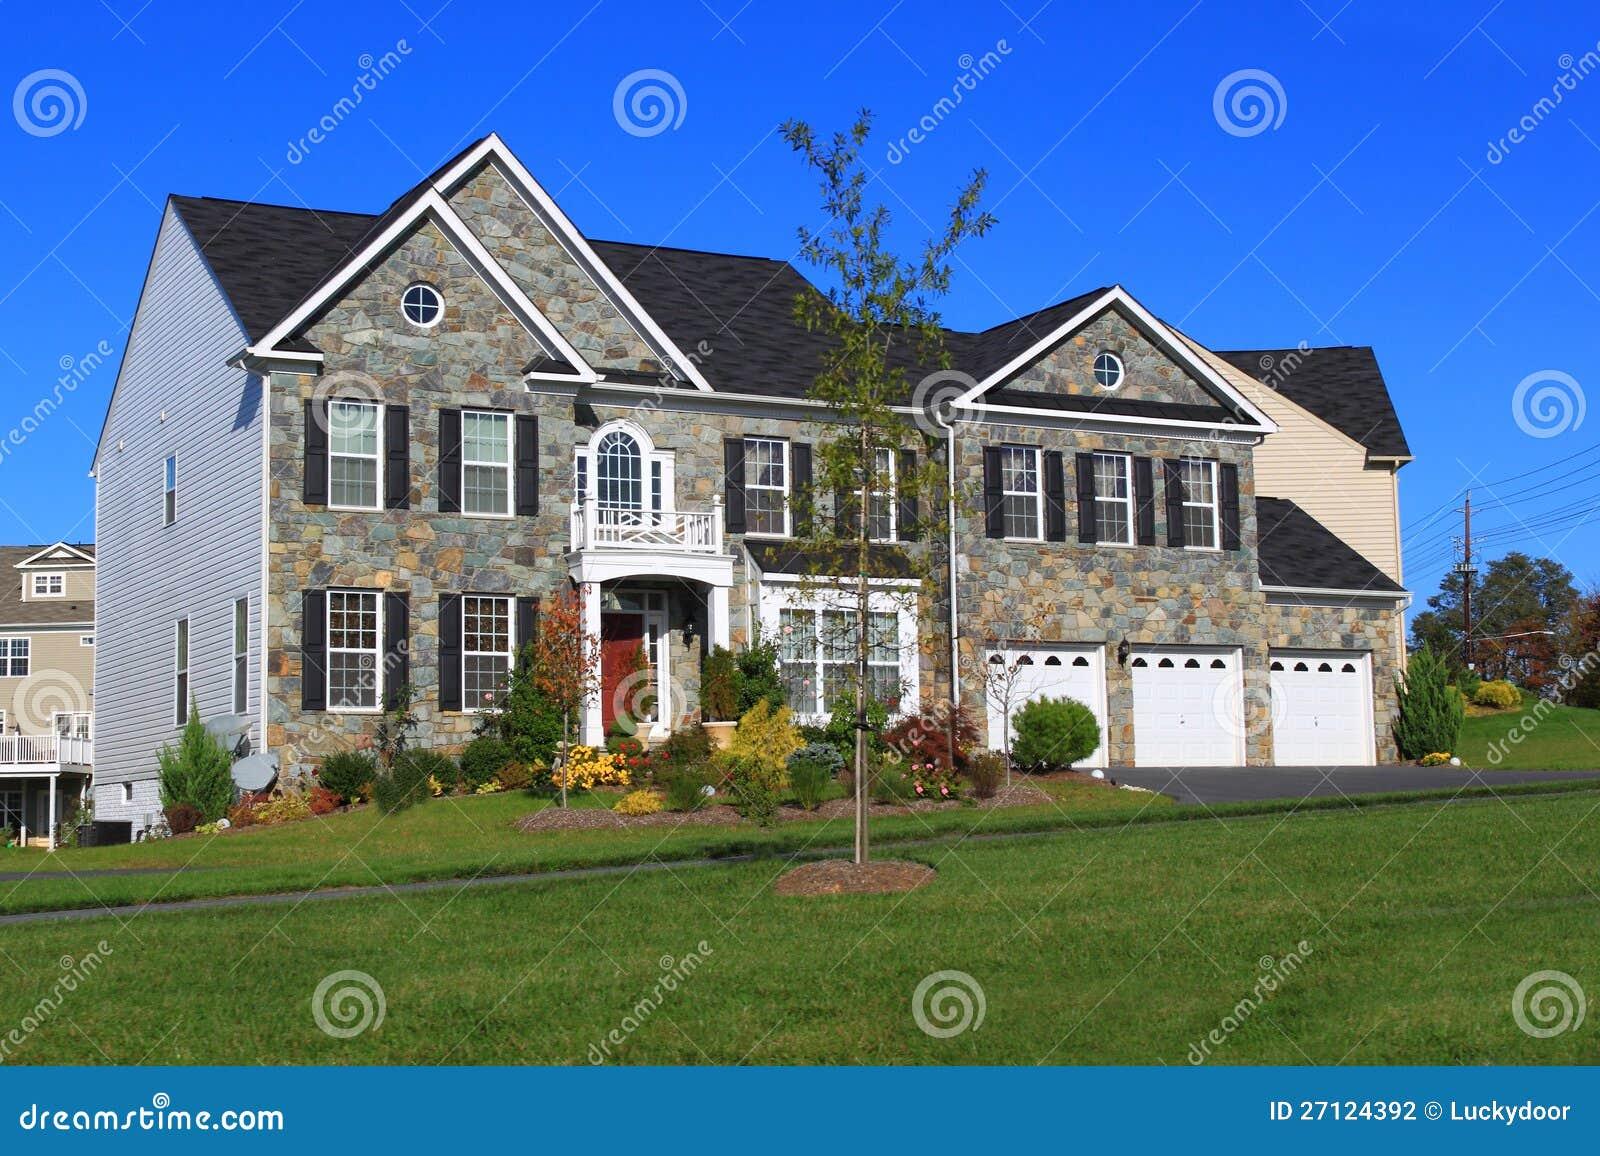 Nieuw huis met de garage van drie auto stock fotografie afbeelding 27124392 - Nieuw huis ...